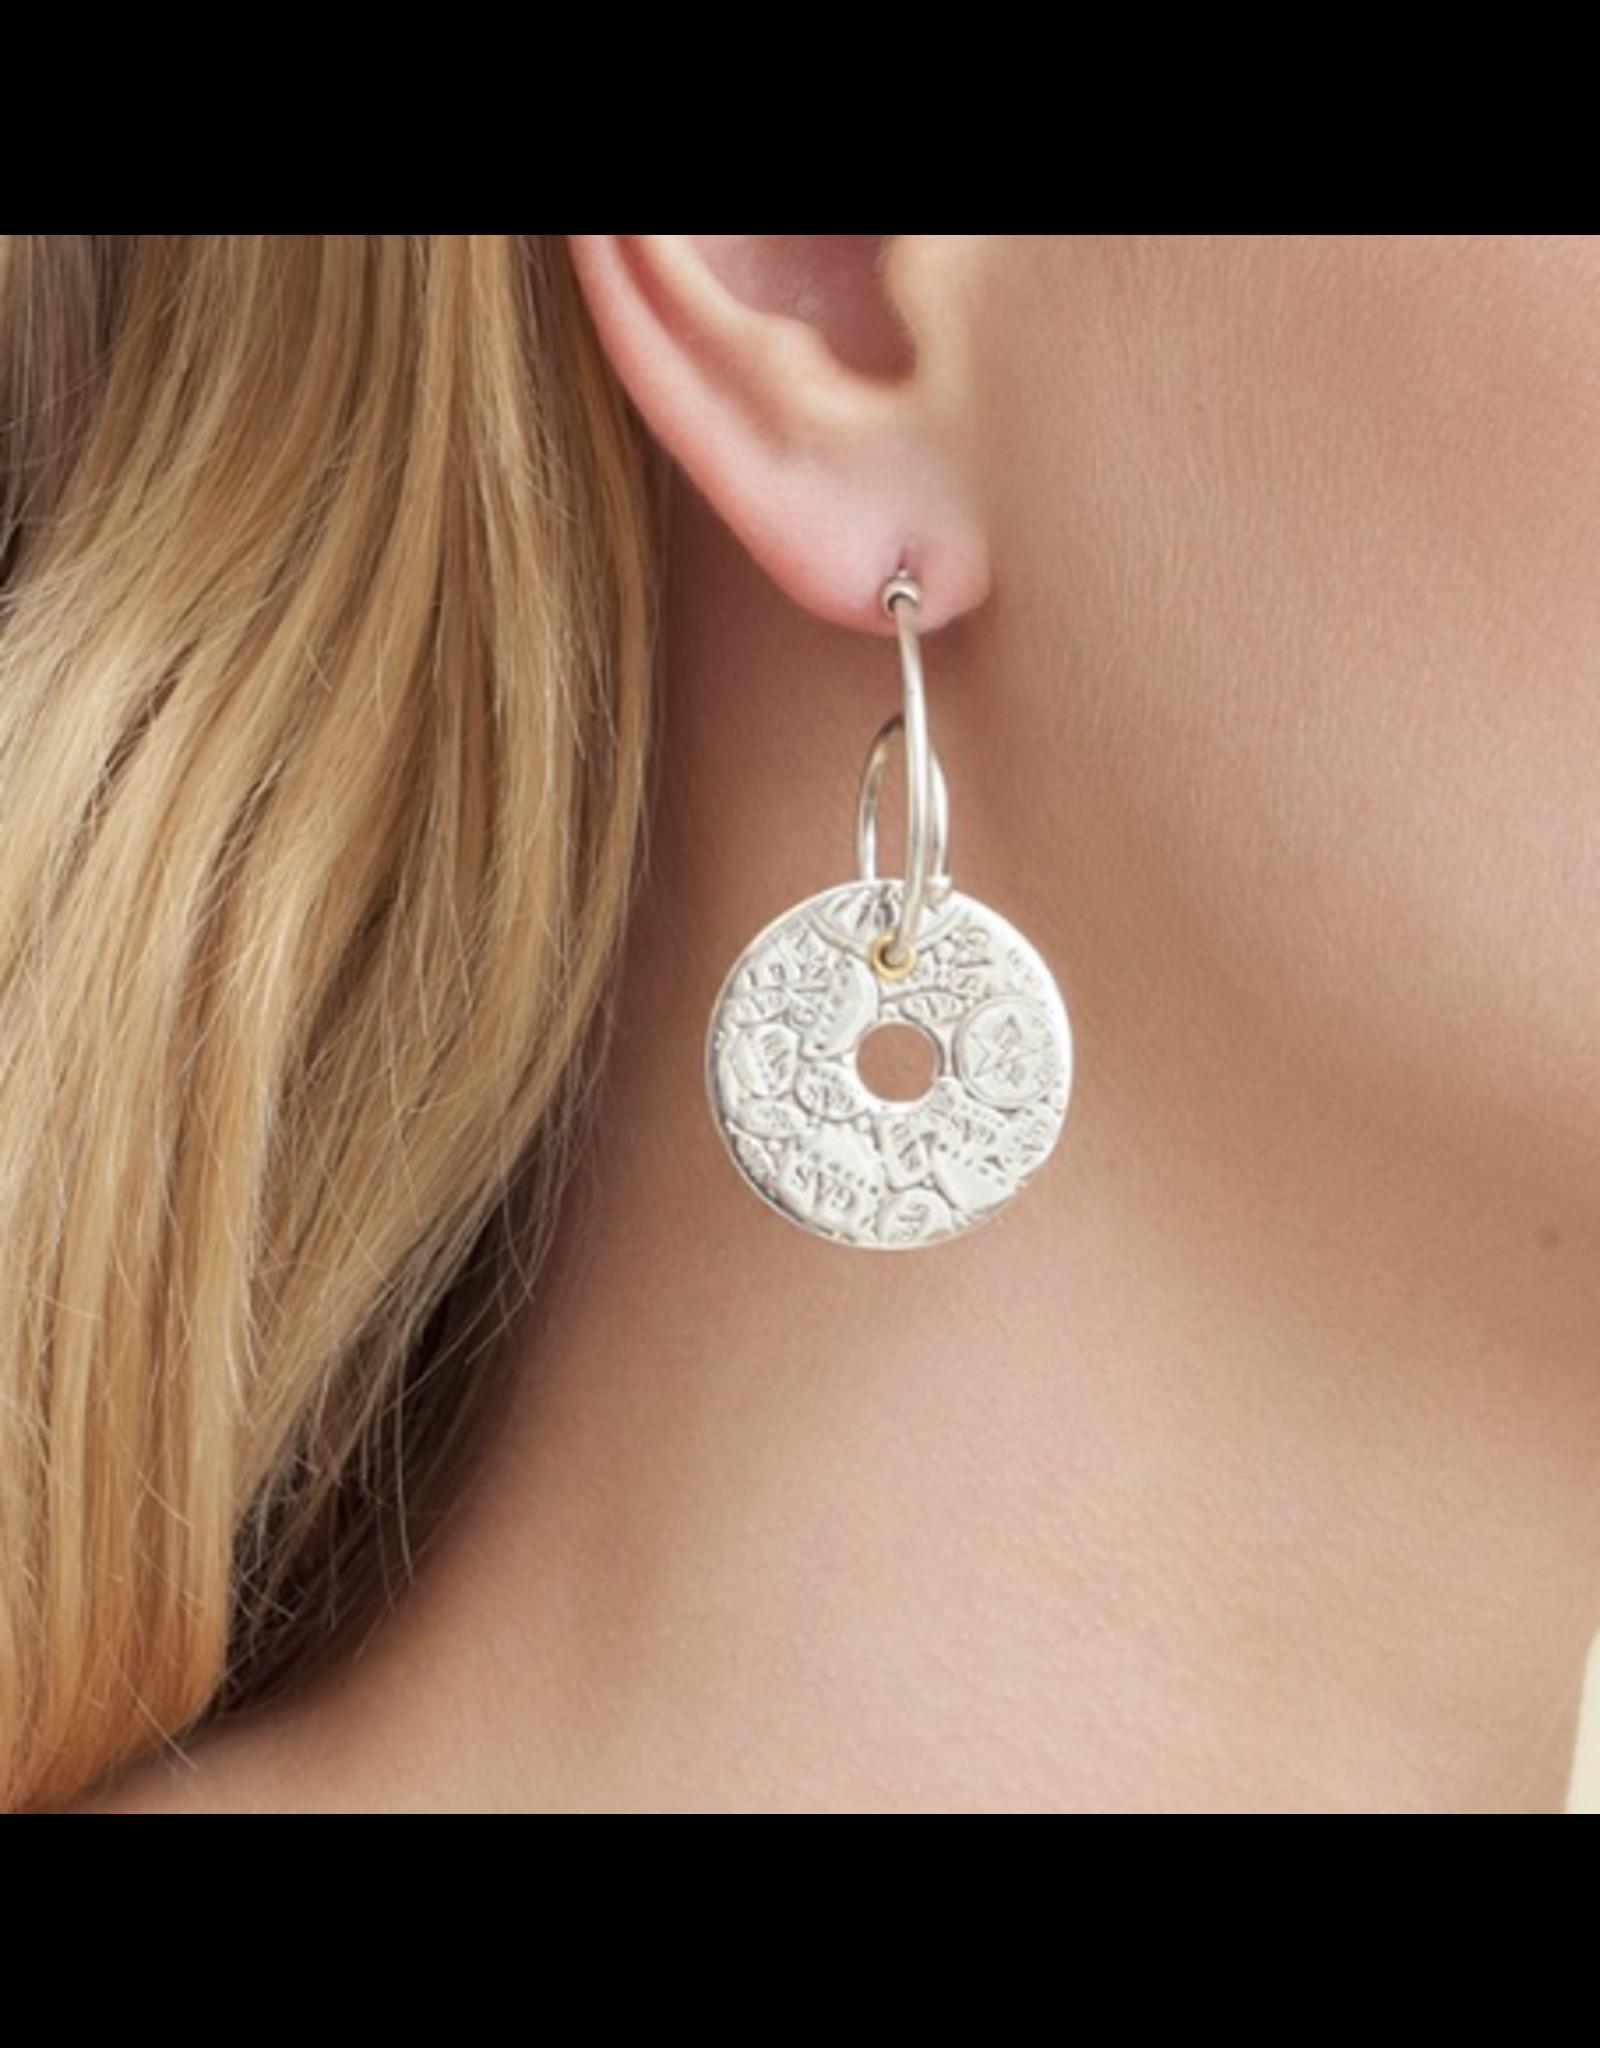 GAS Bijoux Earrings - Celine Bozart